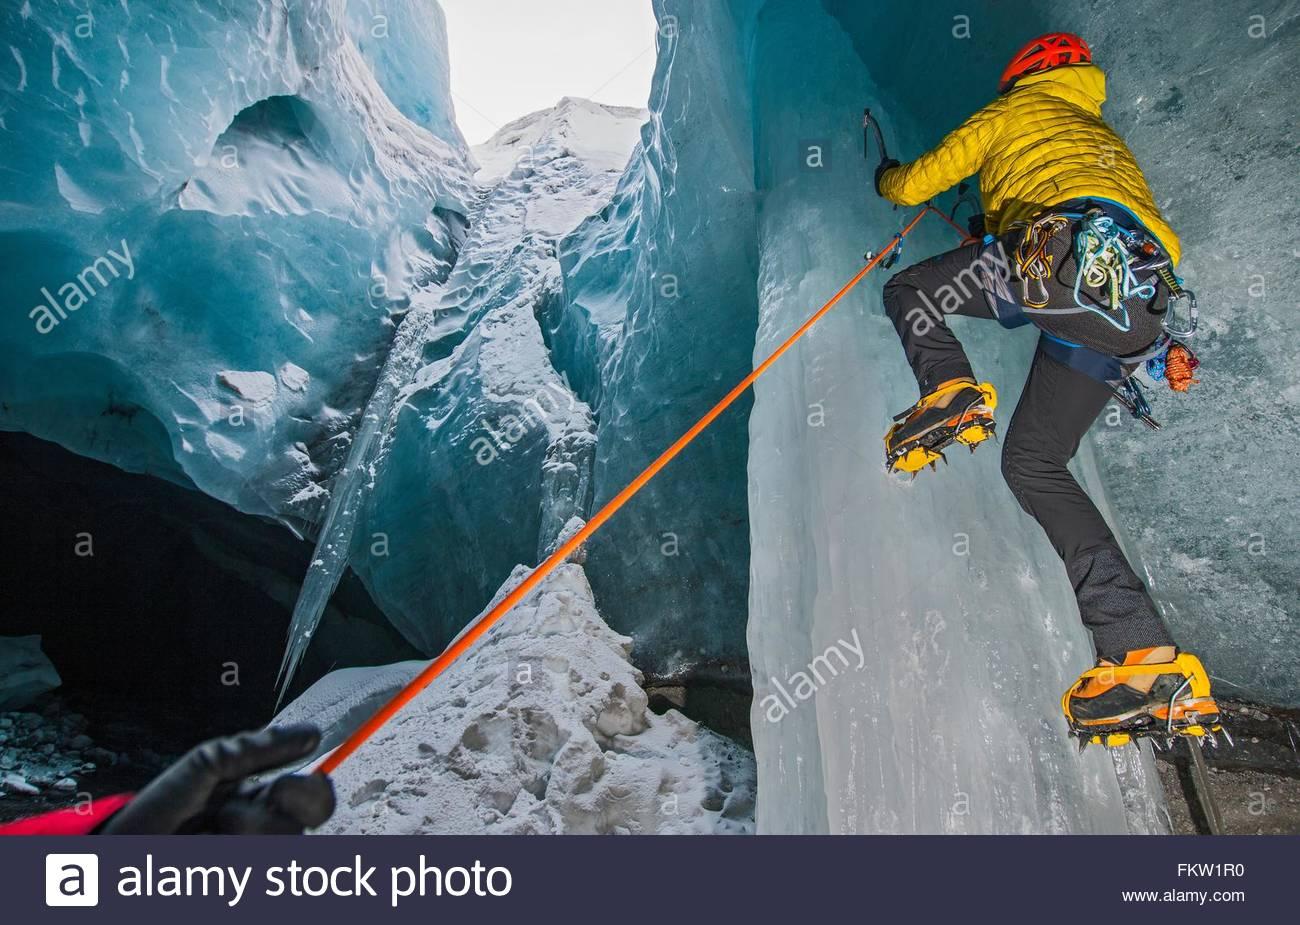 Gli scalatori di ghiaccio salendo caverna di ghiaccio sotto il ghiacciaio Gigjokull, Thorsmork, Islanda Immagini Stock